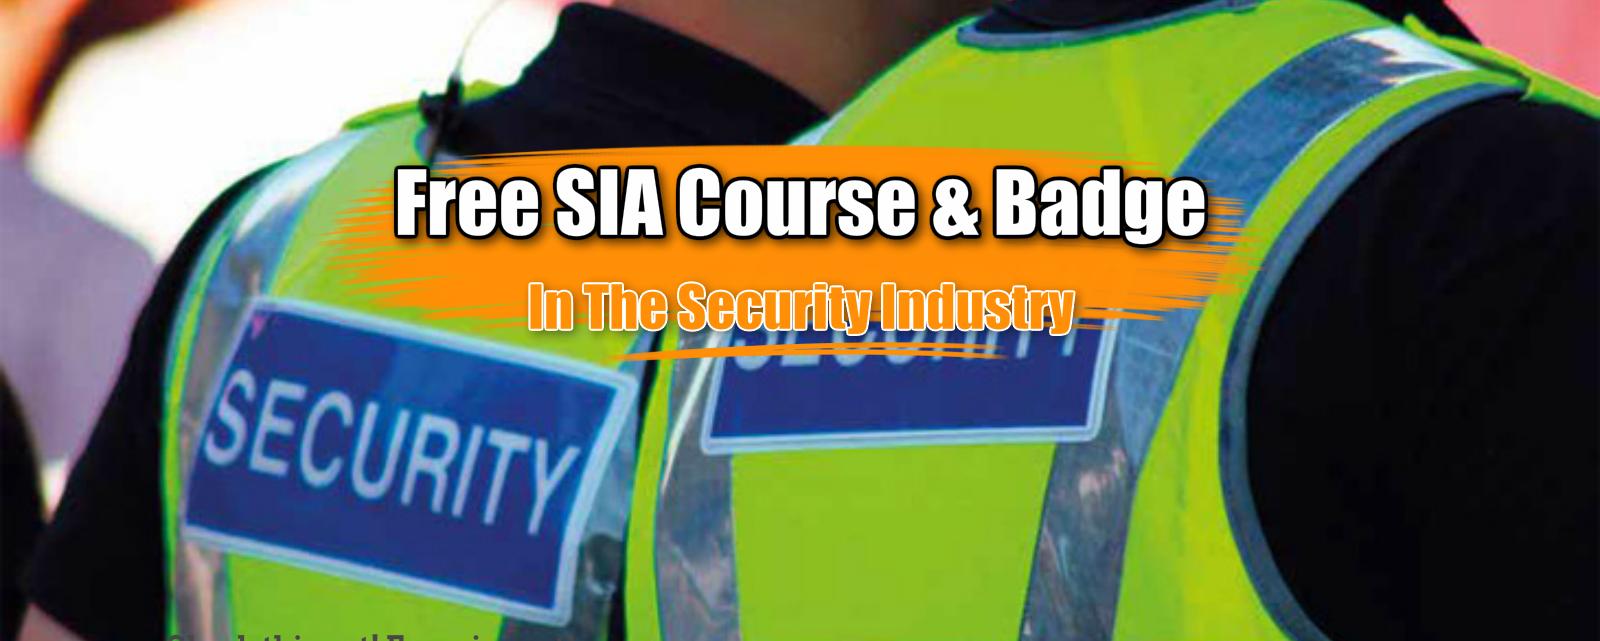 Free SIA course & Badge